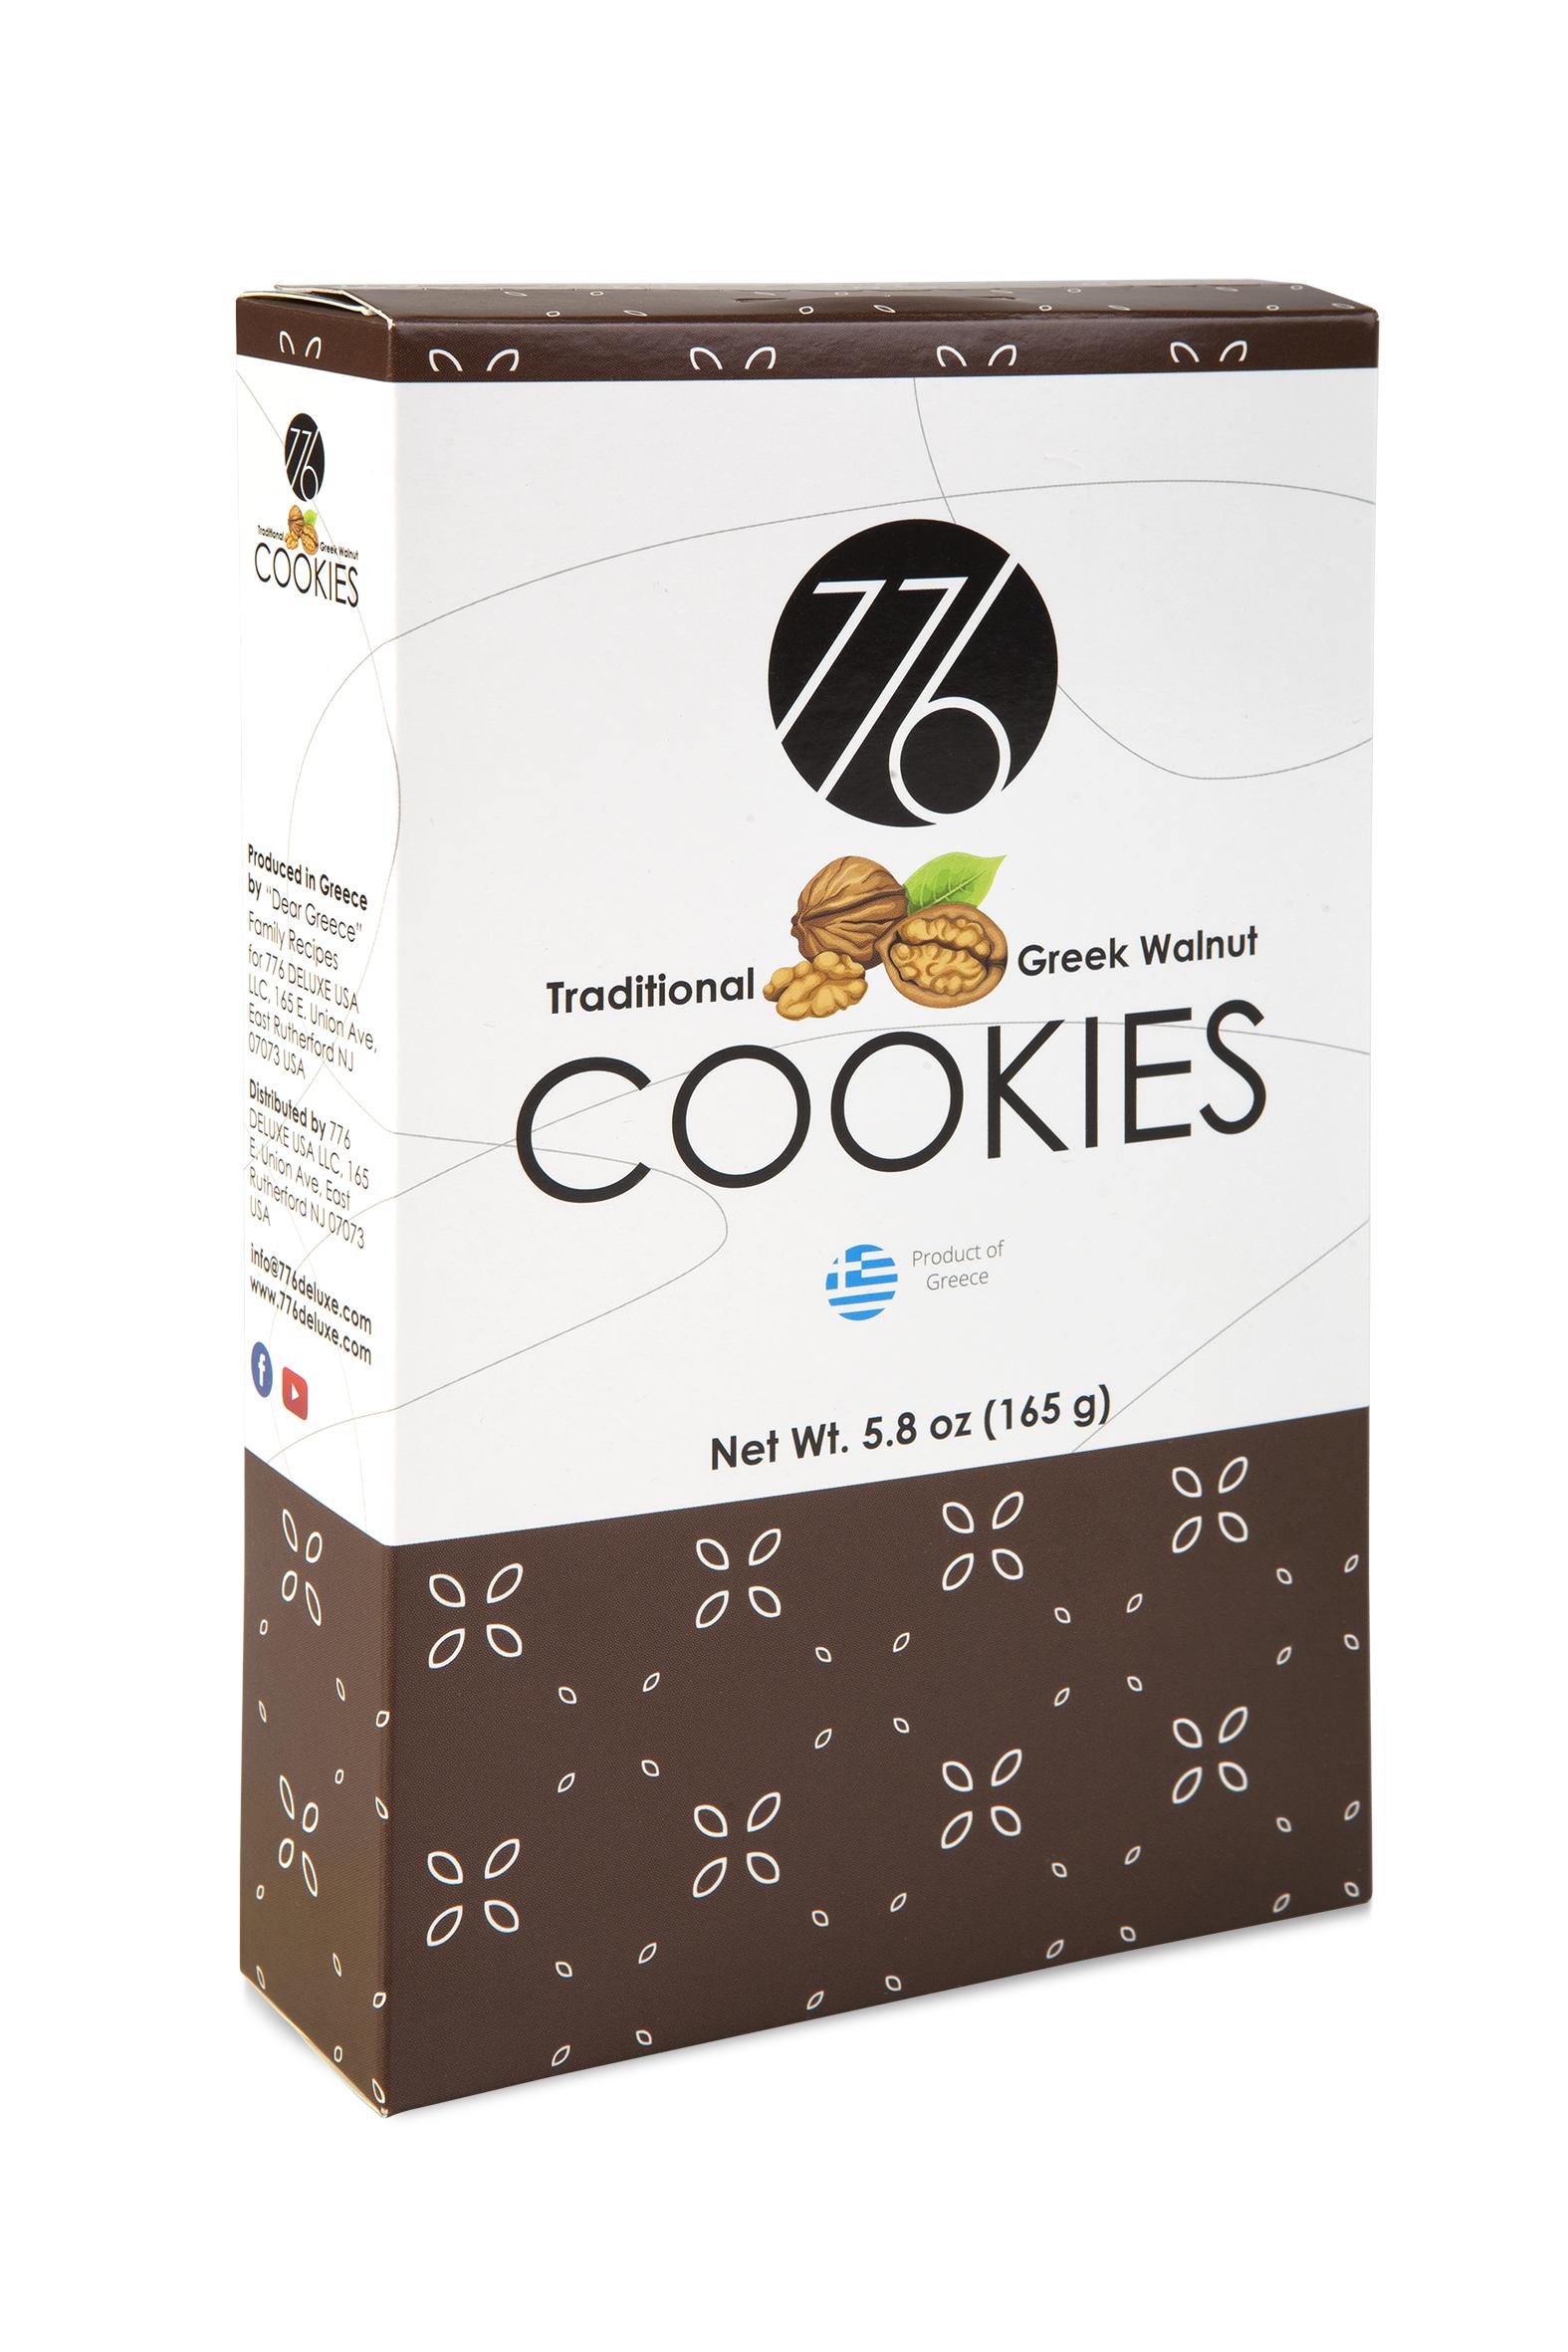 Traditional Greek Walnut Cookies